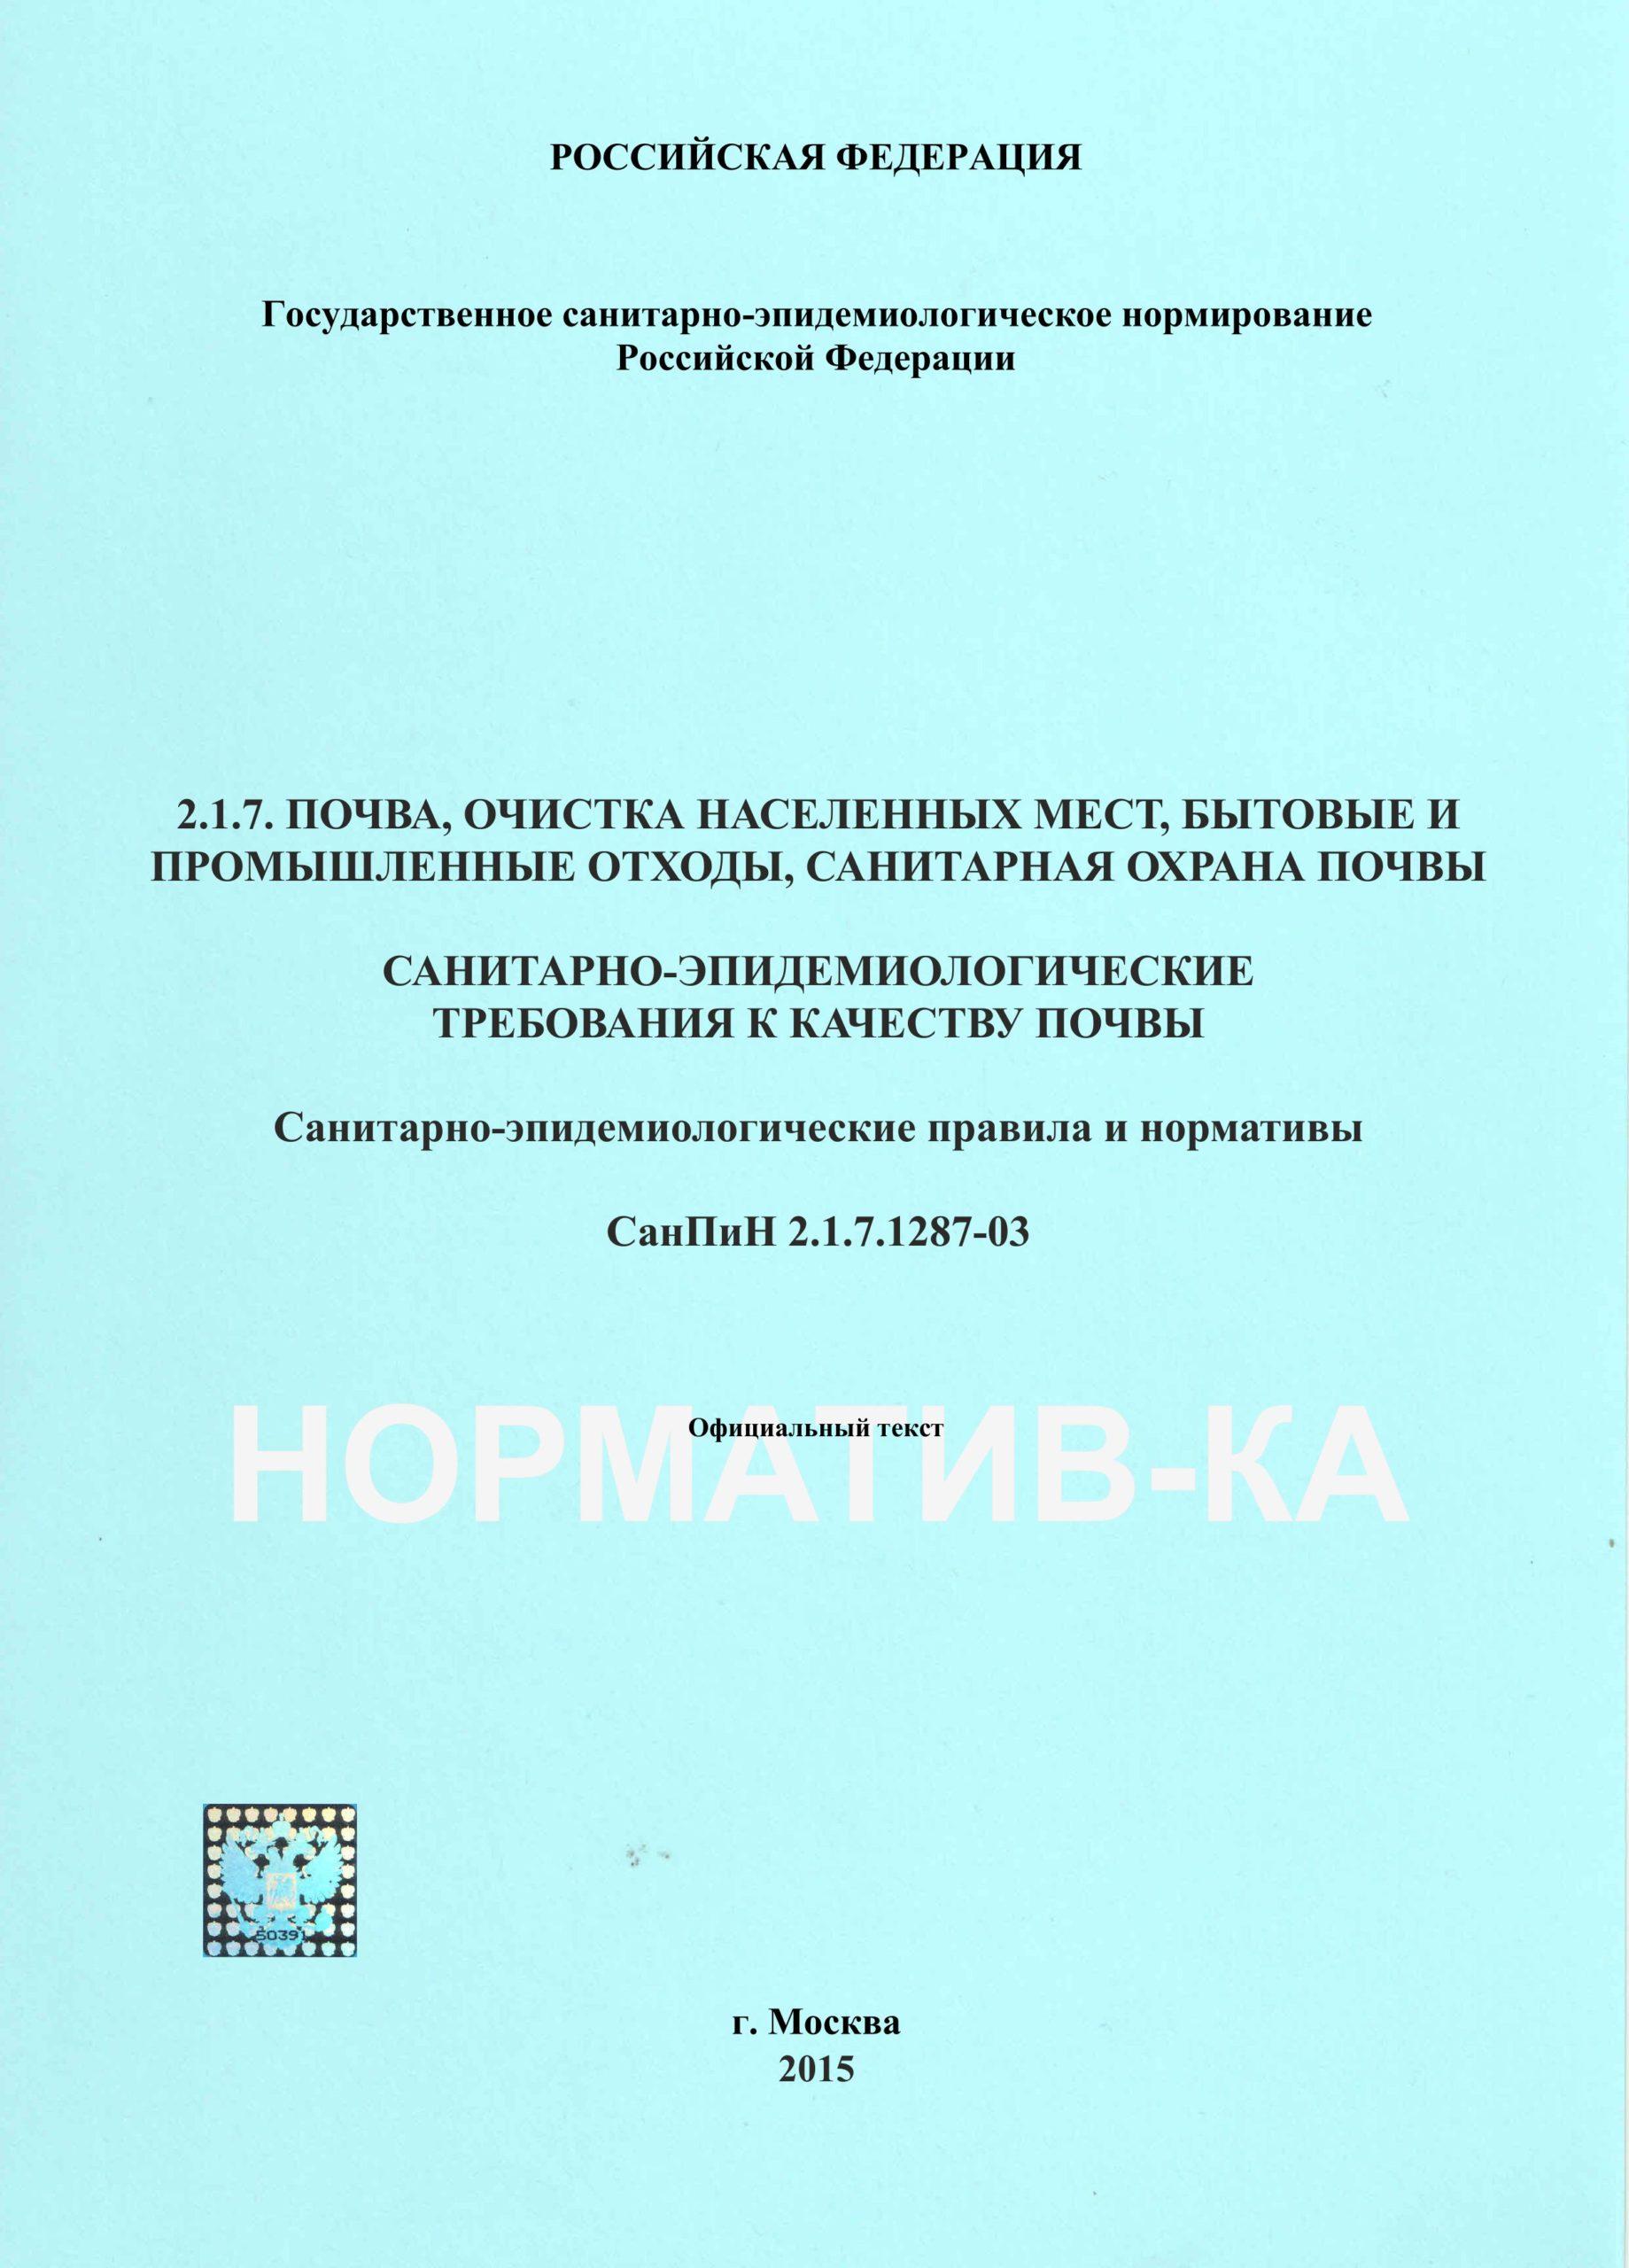 СанПиН 2.1.7.1287-03